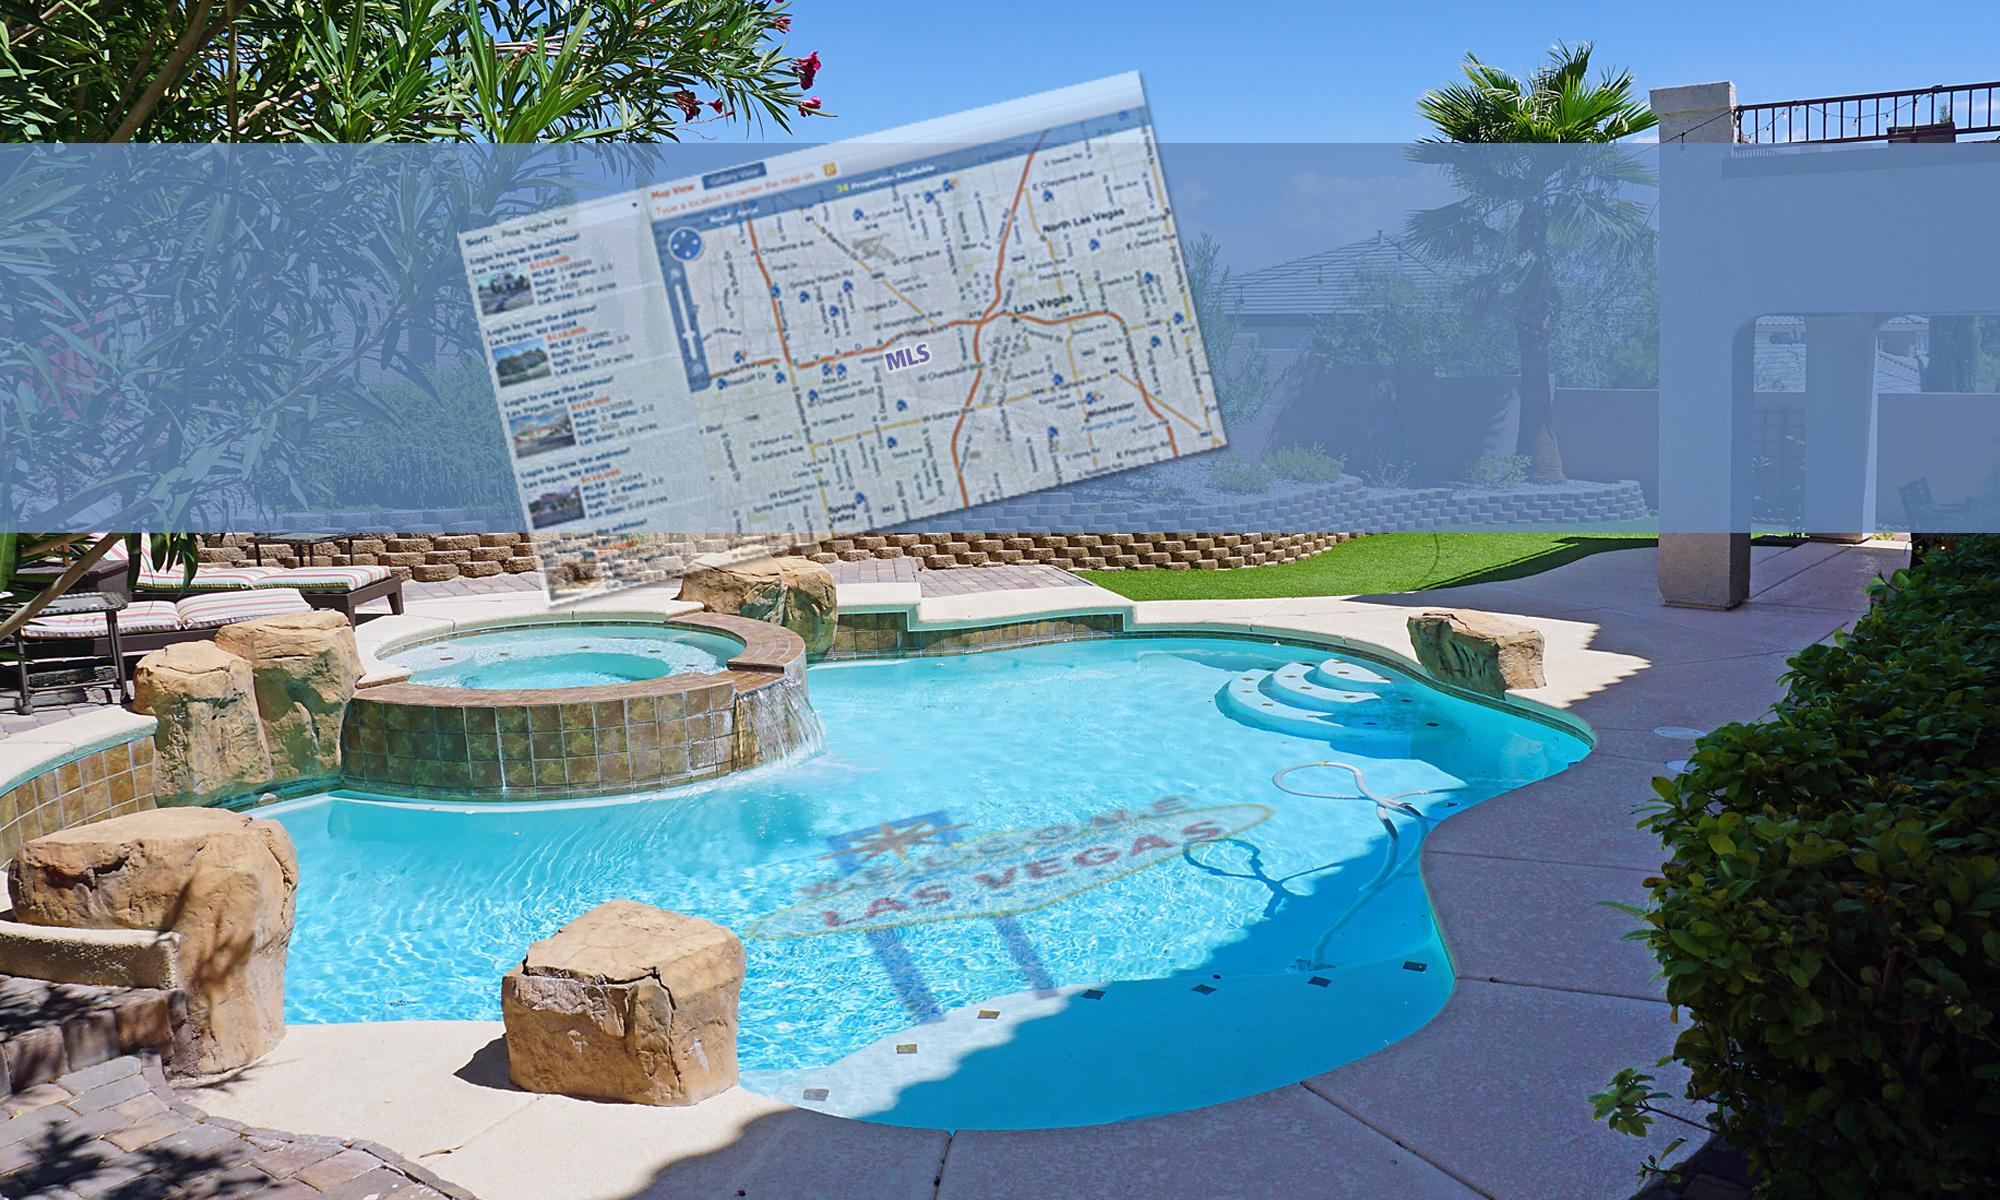 ラスベガス不動産投資はプロ不動産エージェントにおまかせください